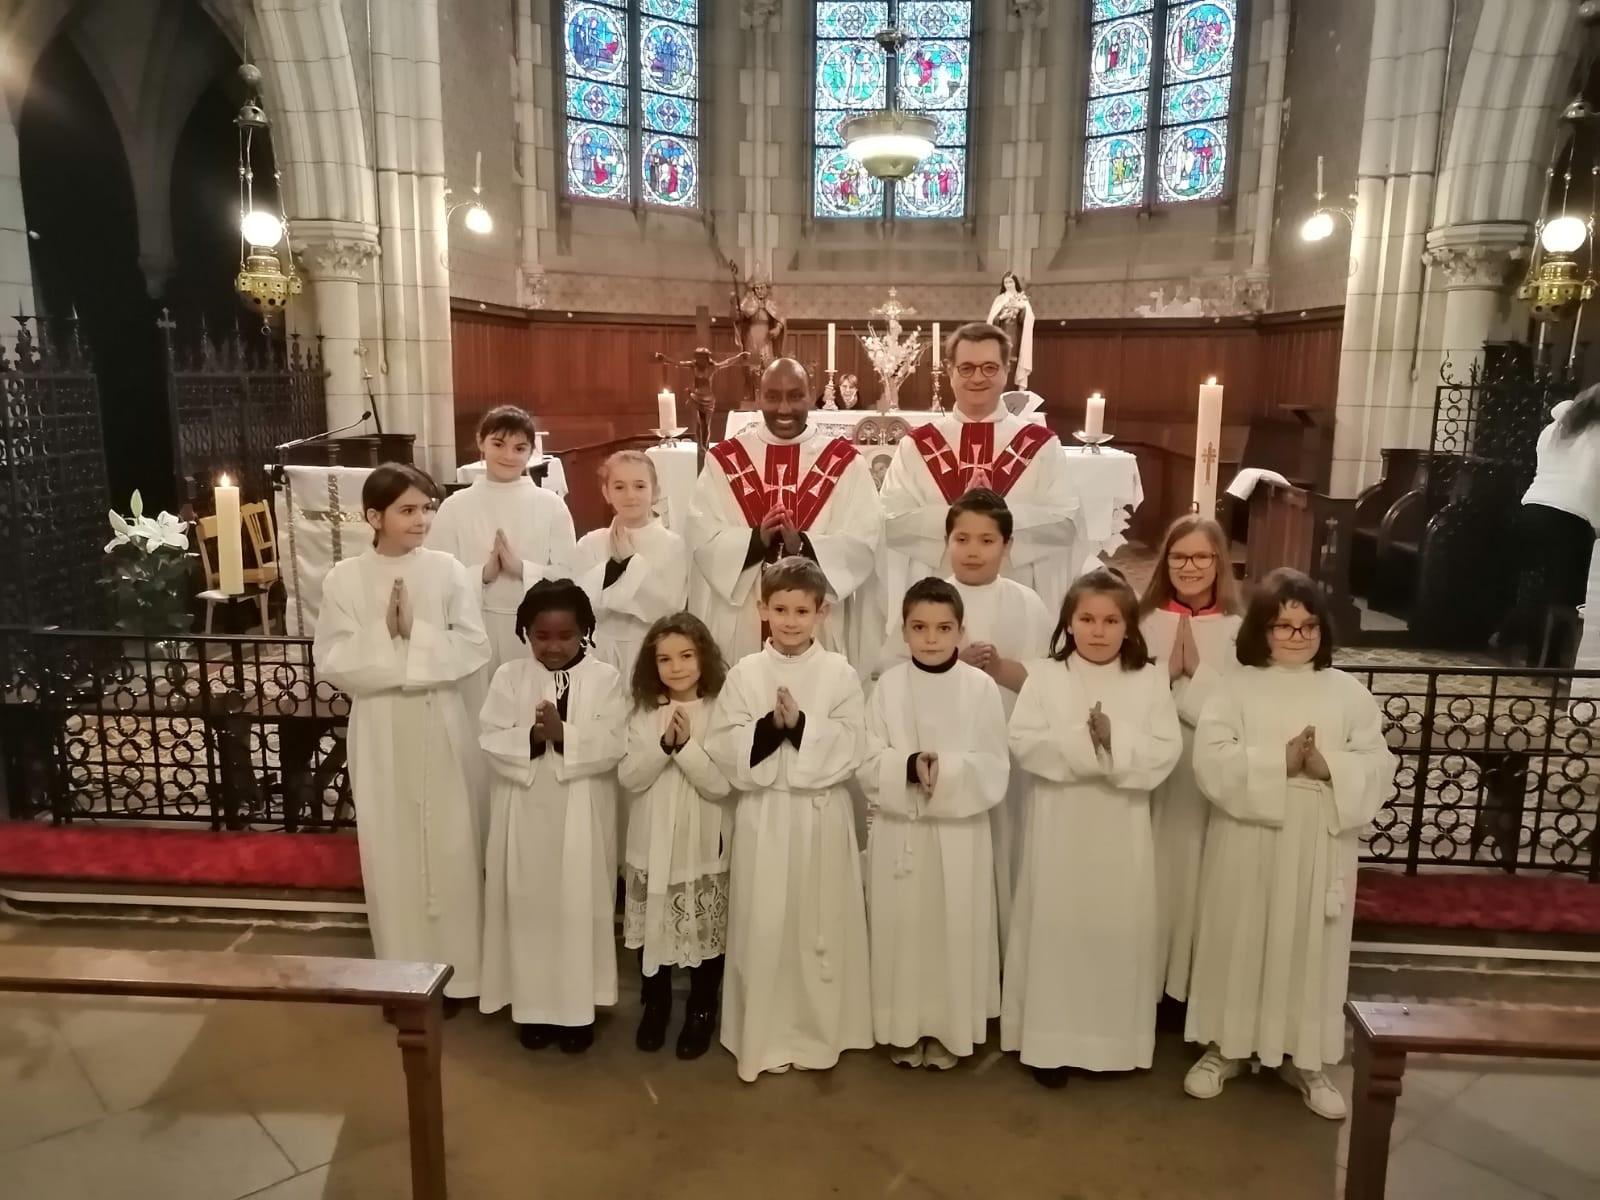 Avec les servants de la paroisse de Saint Just en Chevalet, le P. Philémon, curé et le P. Laurent Jullien de Pommerol, responsable national des servants d'Autel venu soutenir le groupe.